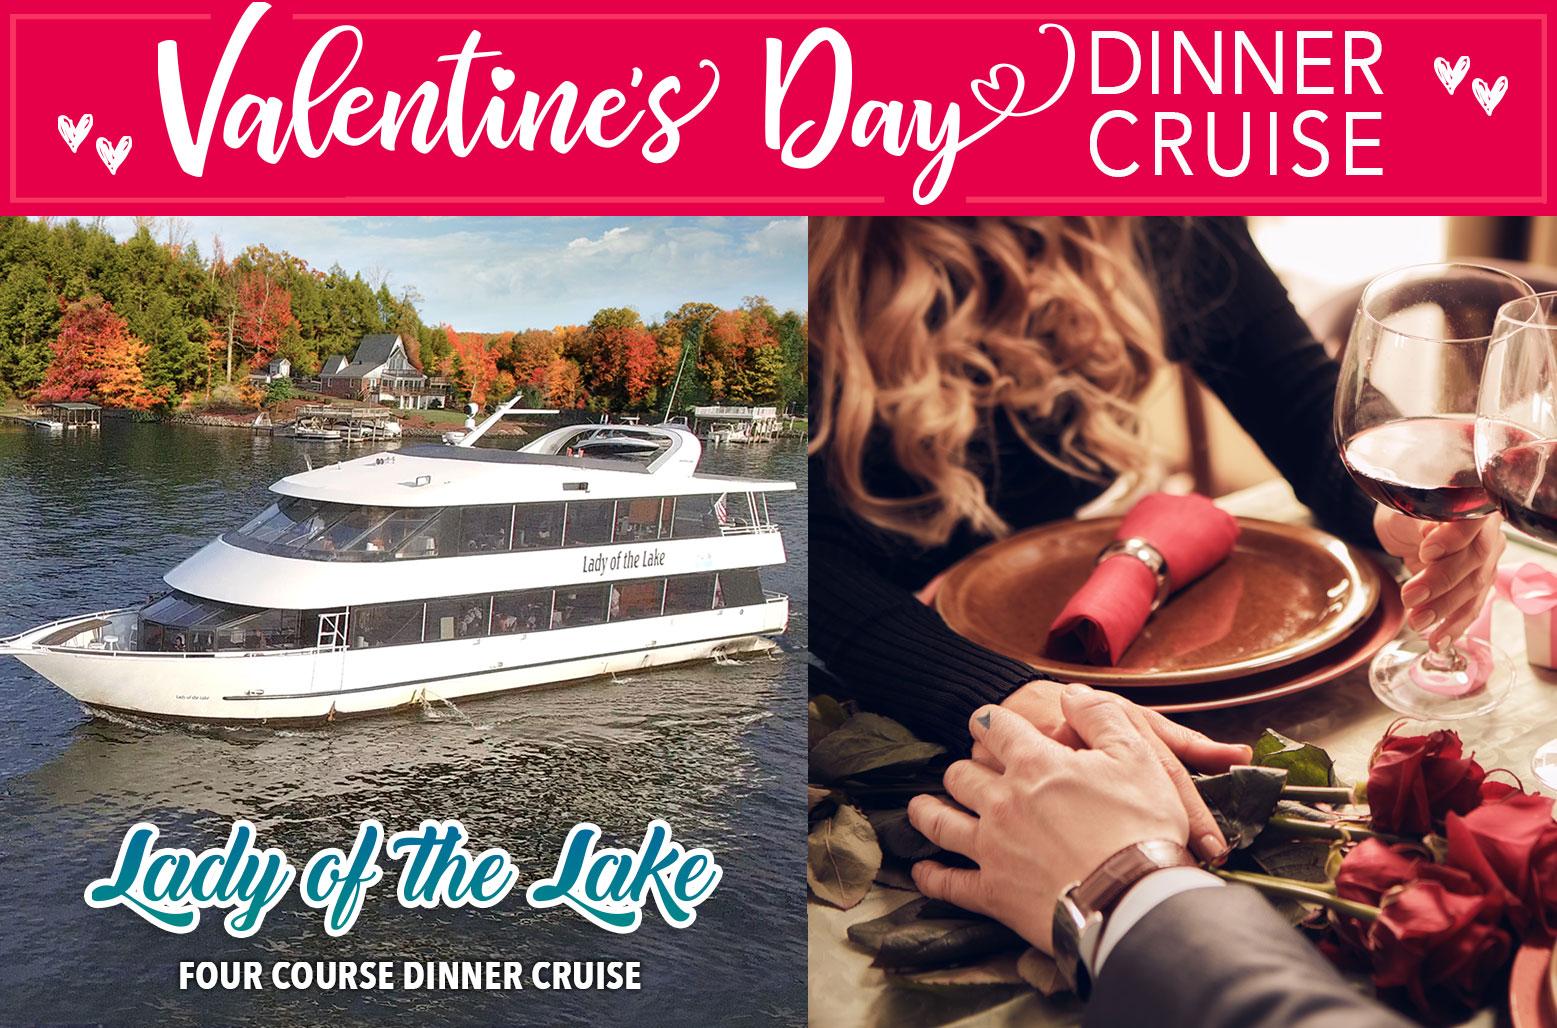 Valentine's Day Dinner Cruise